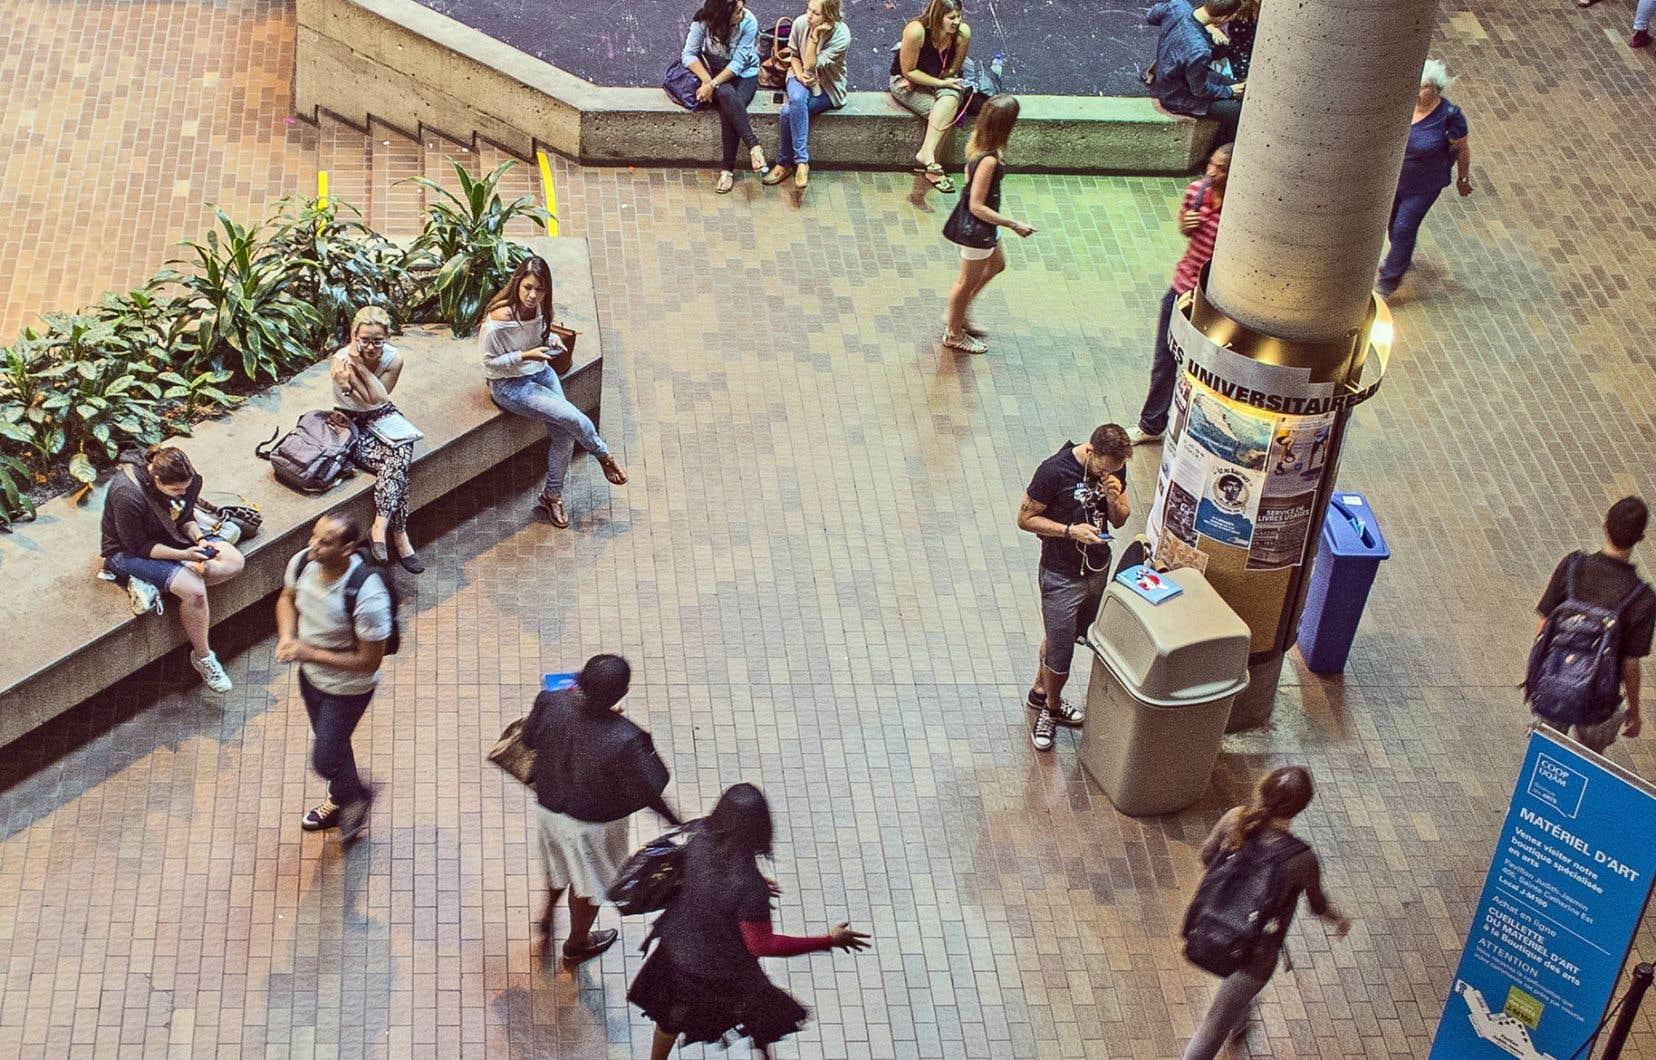 Les fondations des grandes entreprises ont tendance à subventionner les universités ayant déjà un prestige important et, sur ce point, la jeunesse de l'UQ ne joue pas en sa faveur.